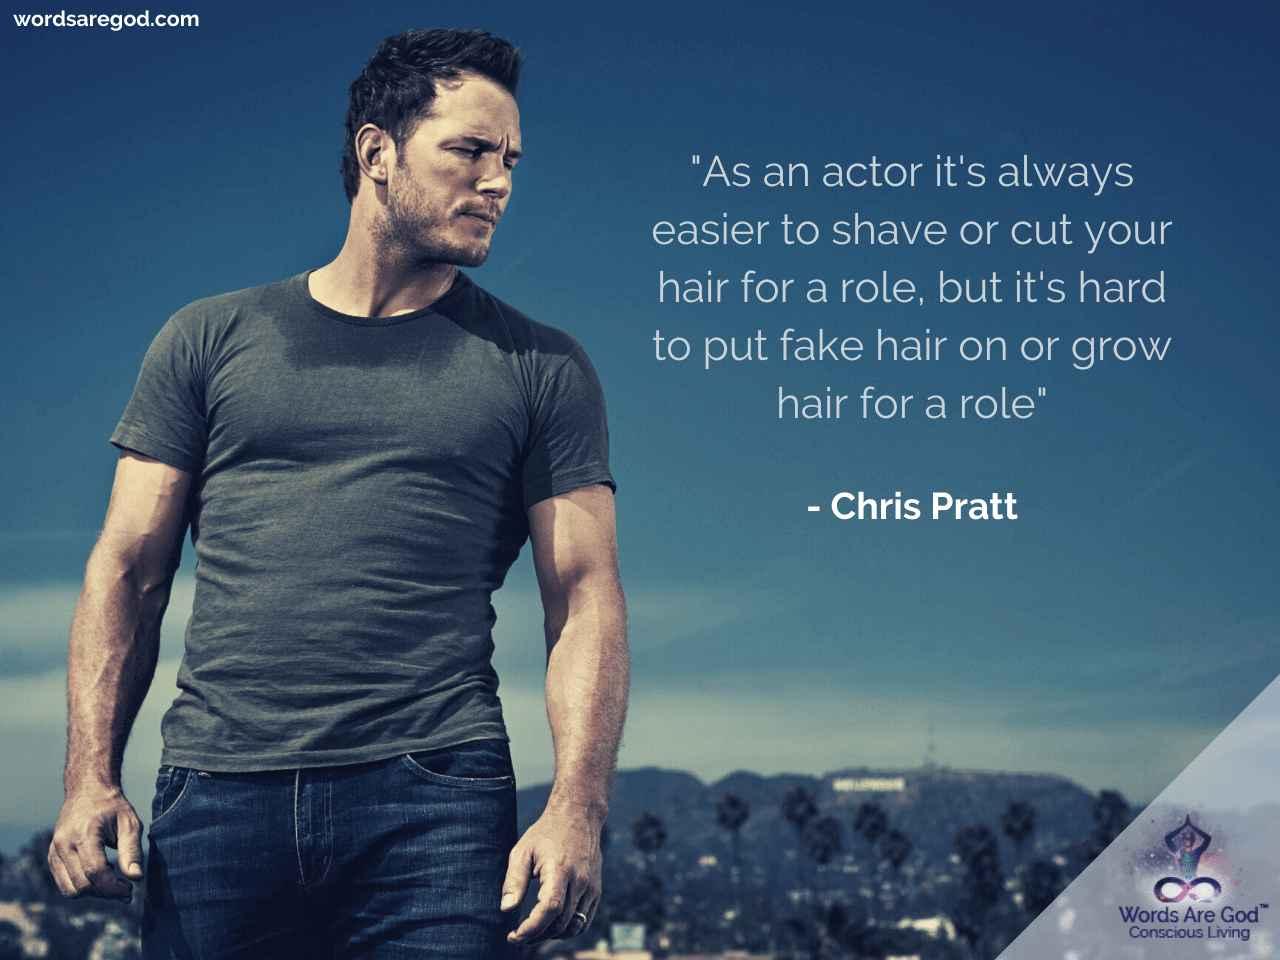 Chris Pratt Life Quote